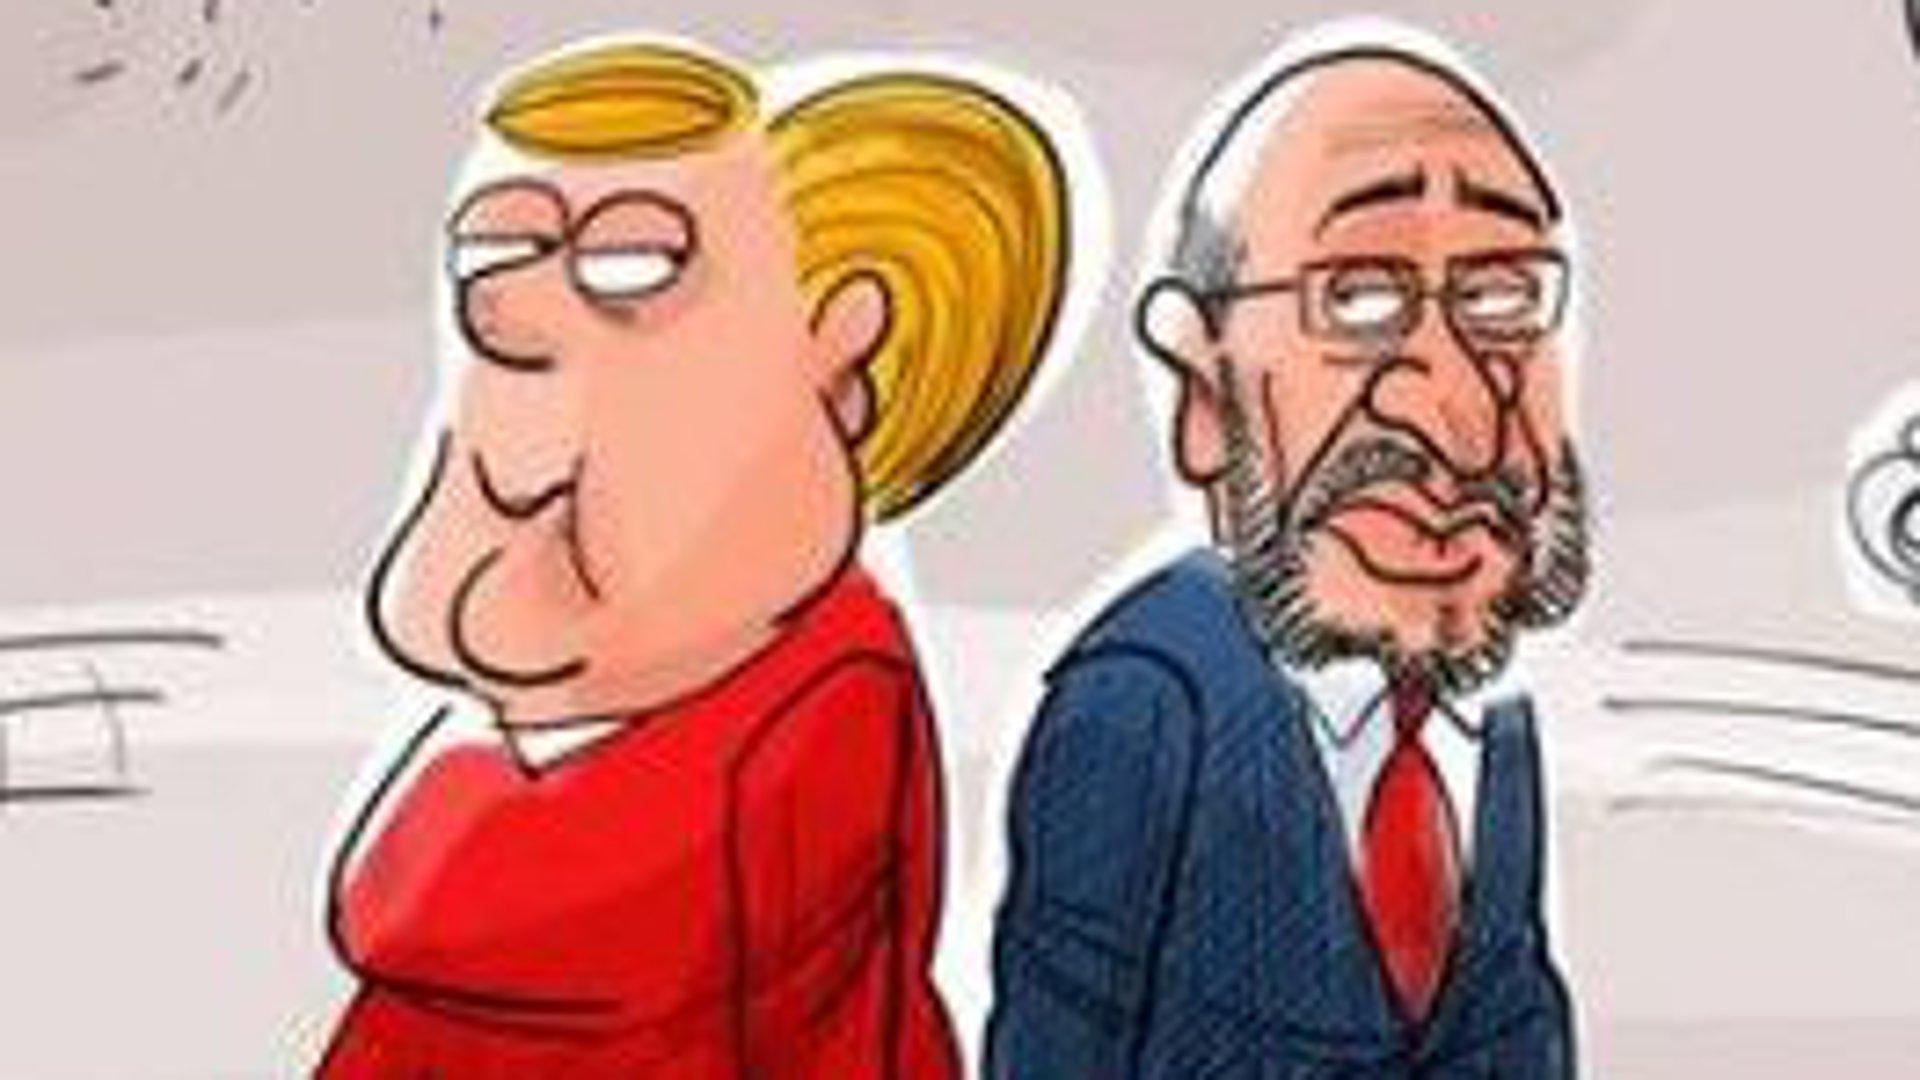 Die besten Karikaturen zum Bundestagswahlkampf 2017